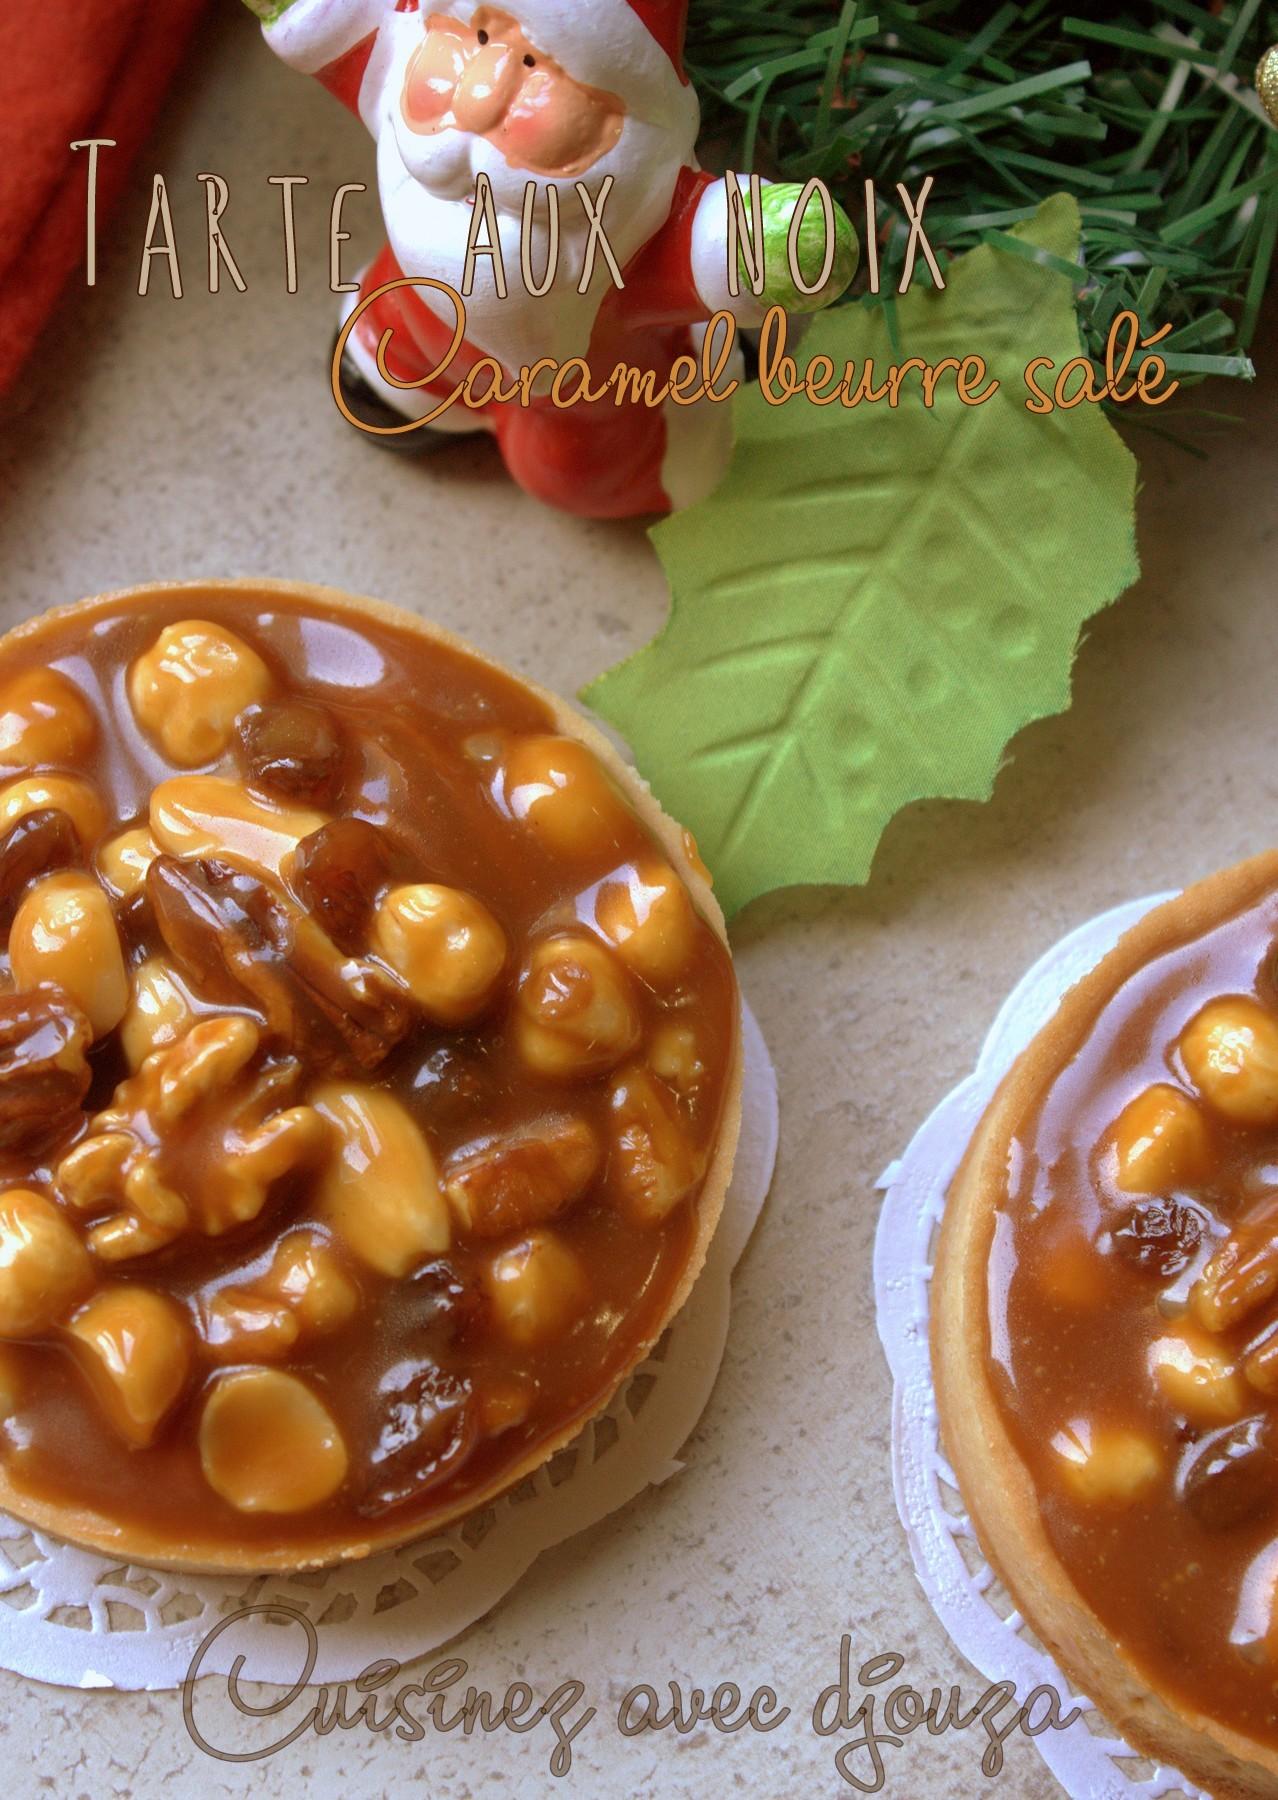 tarte aux noix caramel beurre salé